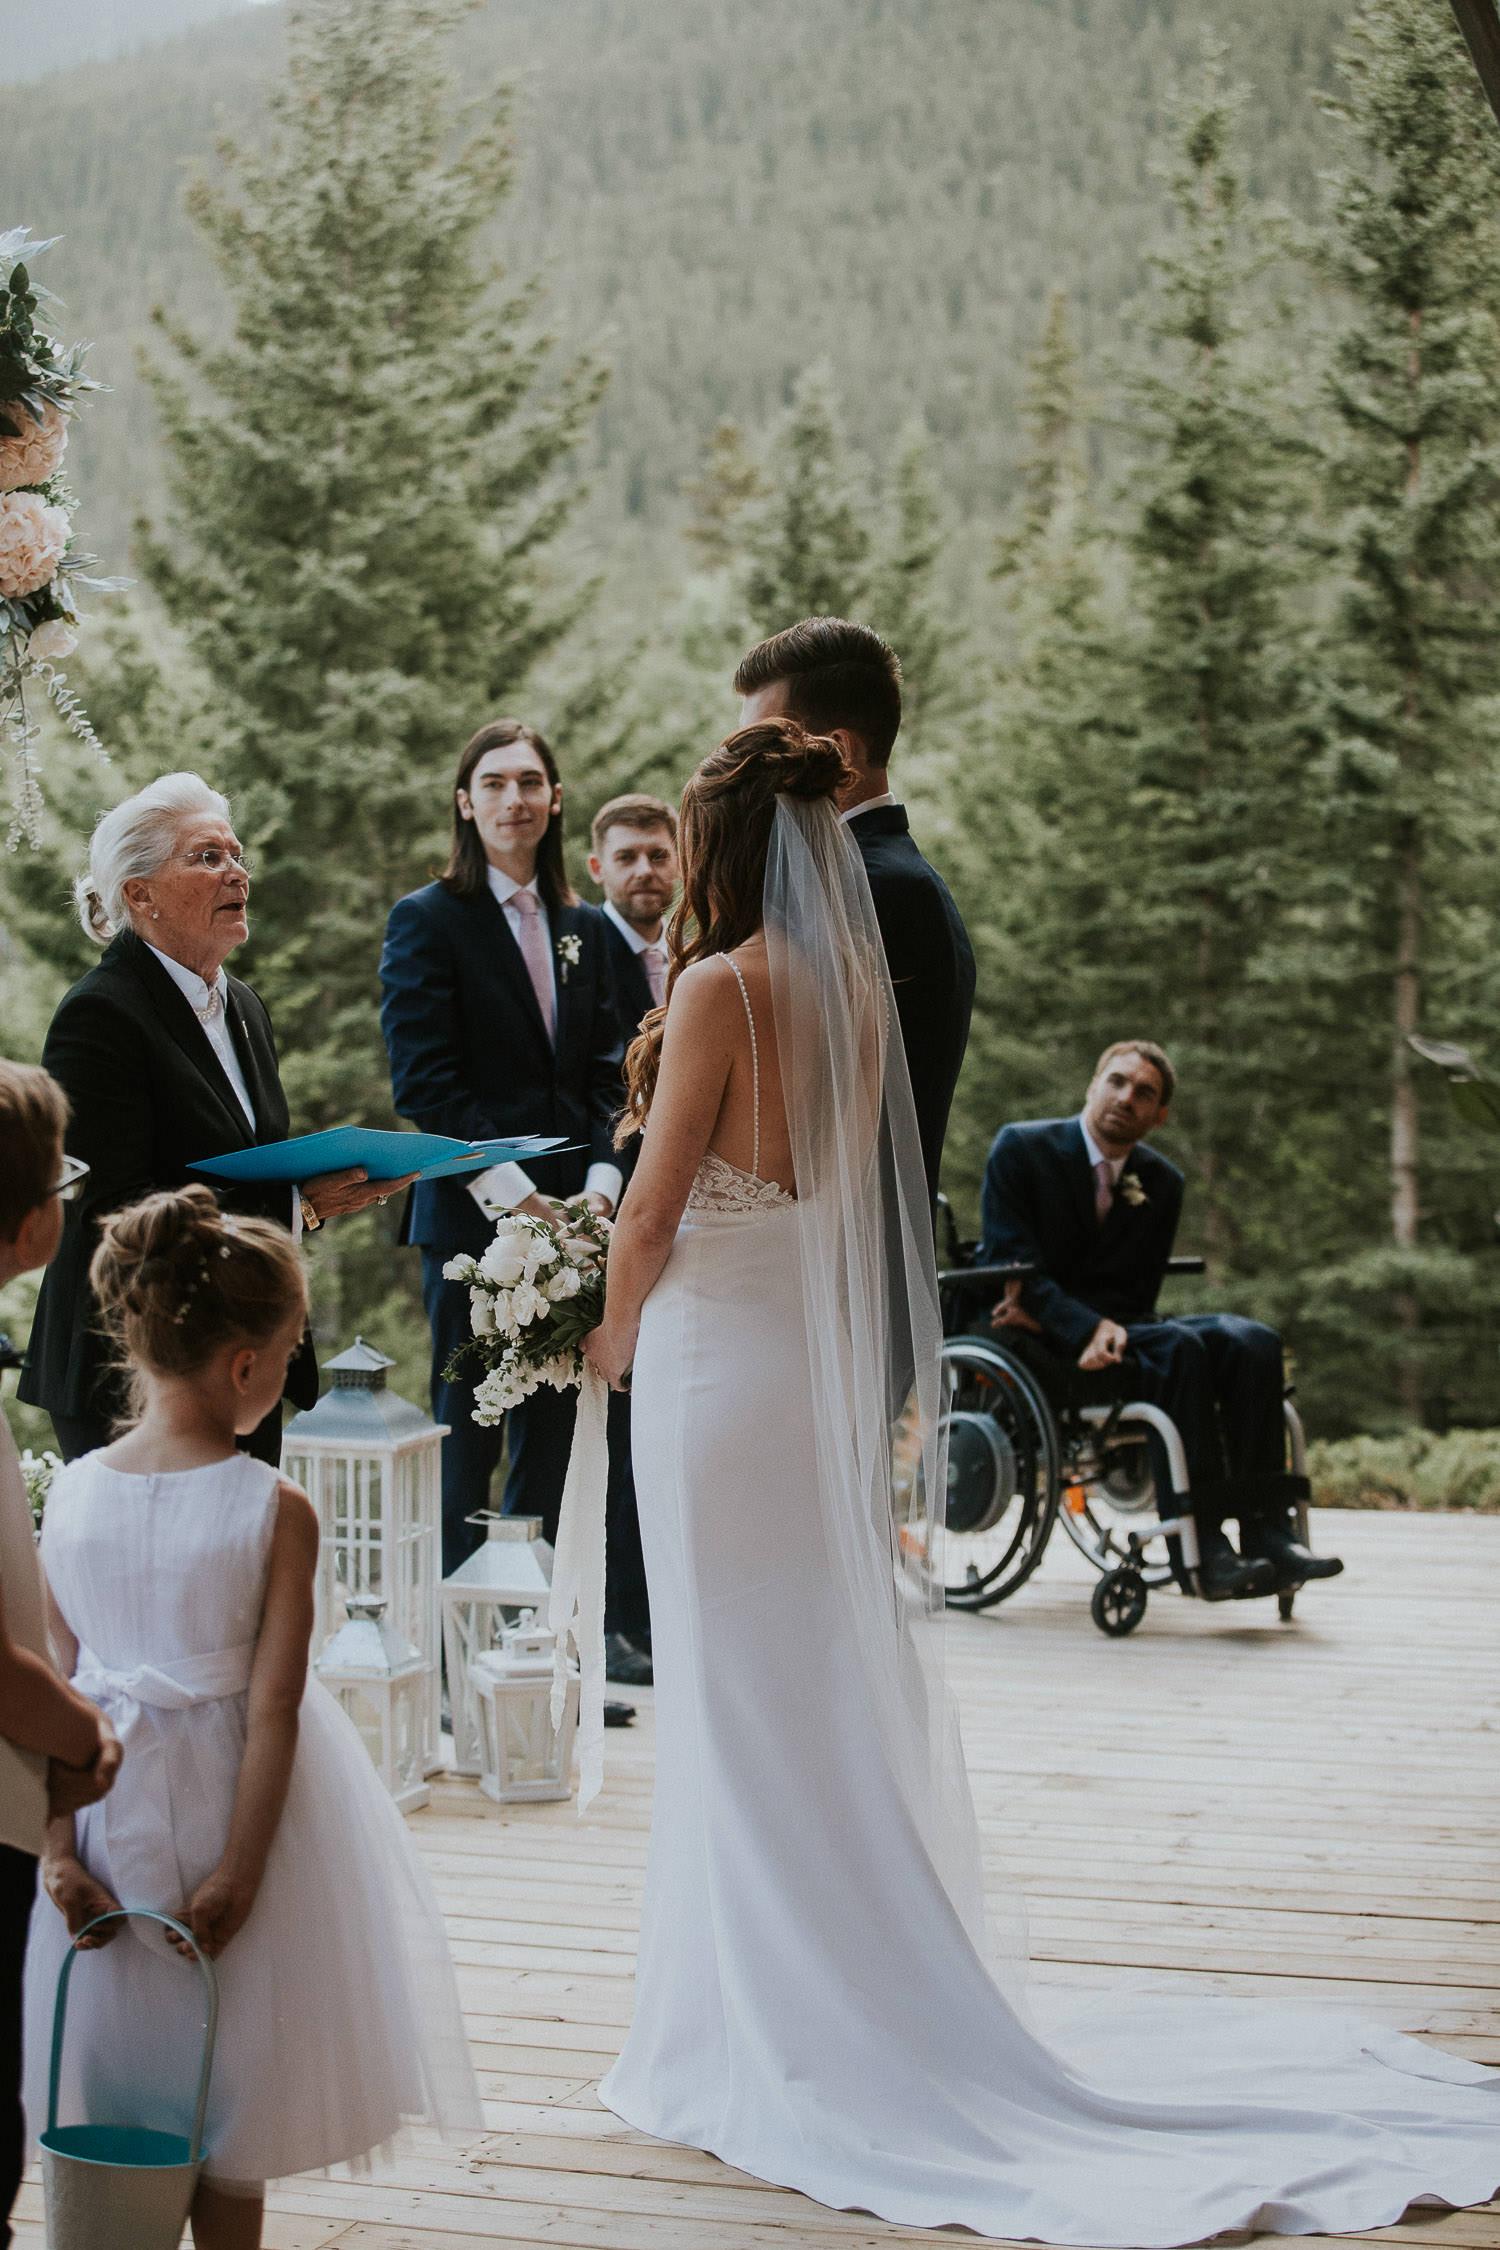 stewart-creek-wedding-sarah-pukin-235